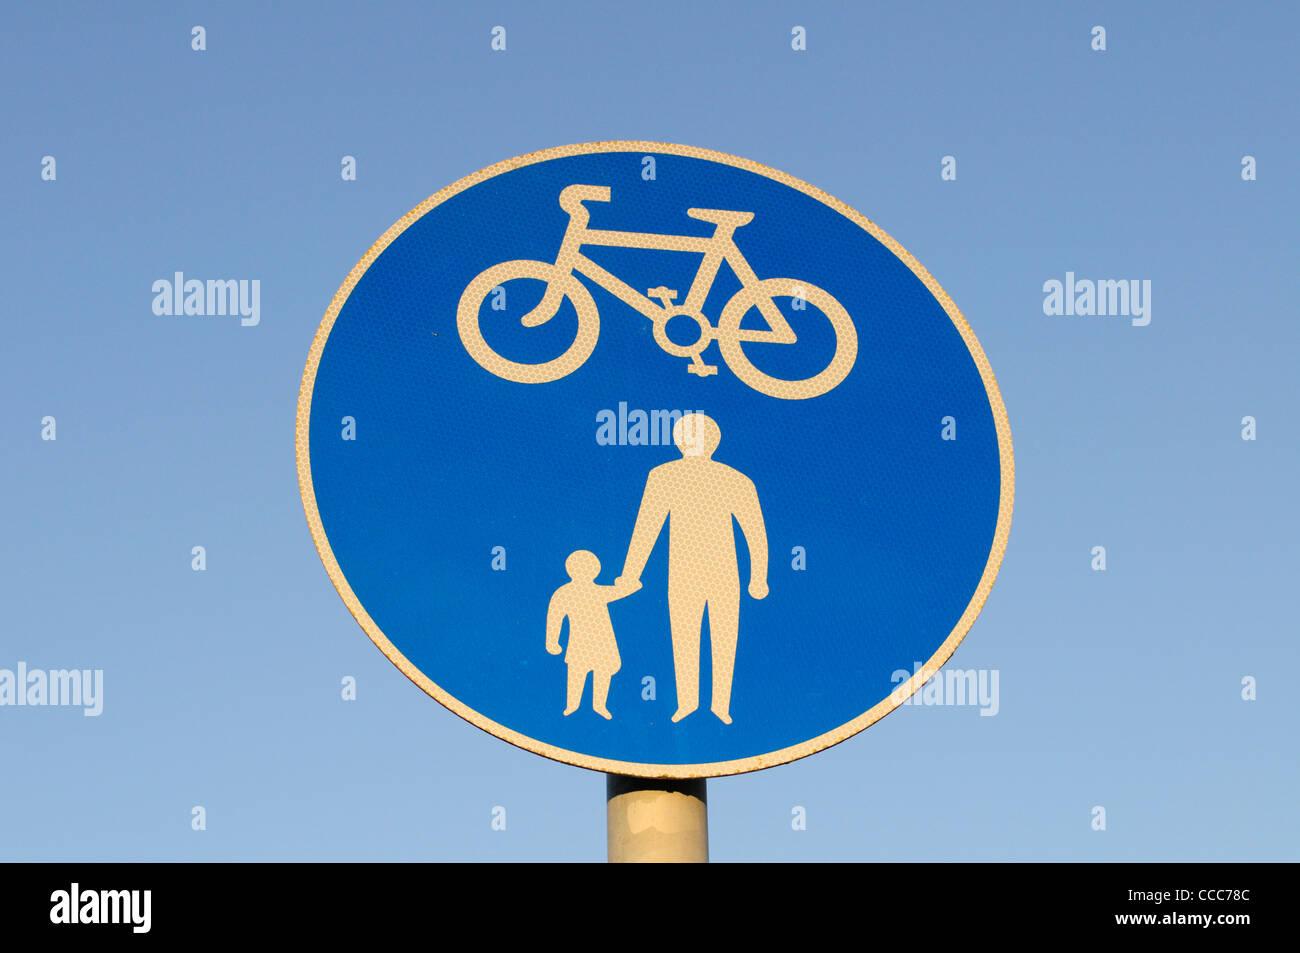 Cycleway and Pedestrian Walkway Sign, Cambridge, England, UK - Stock Image